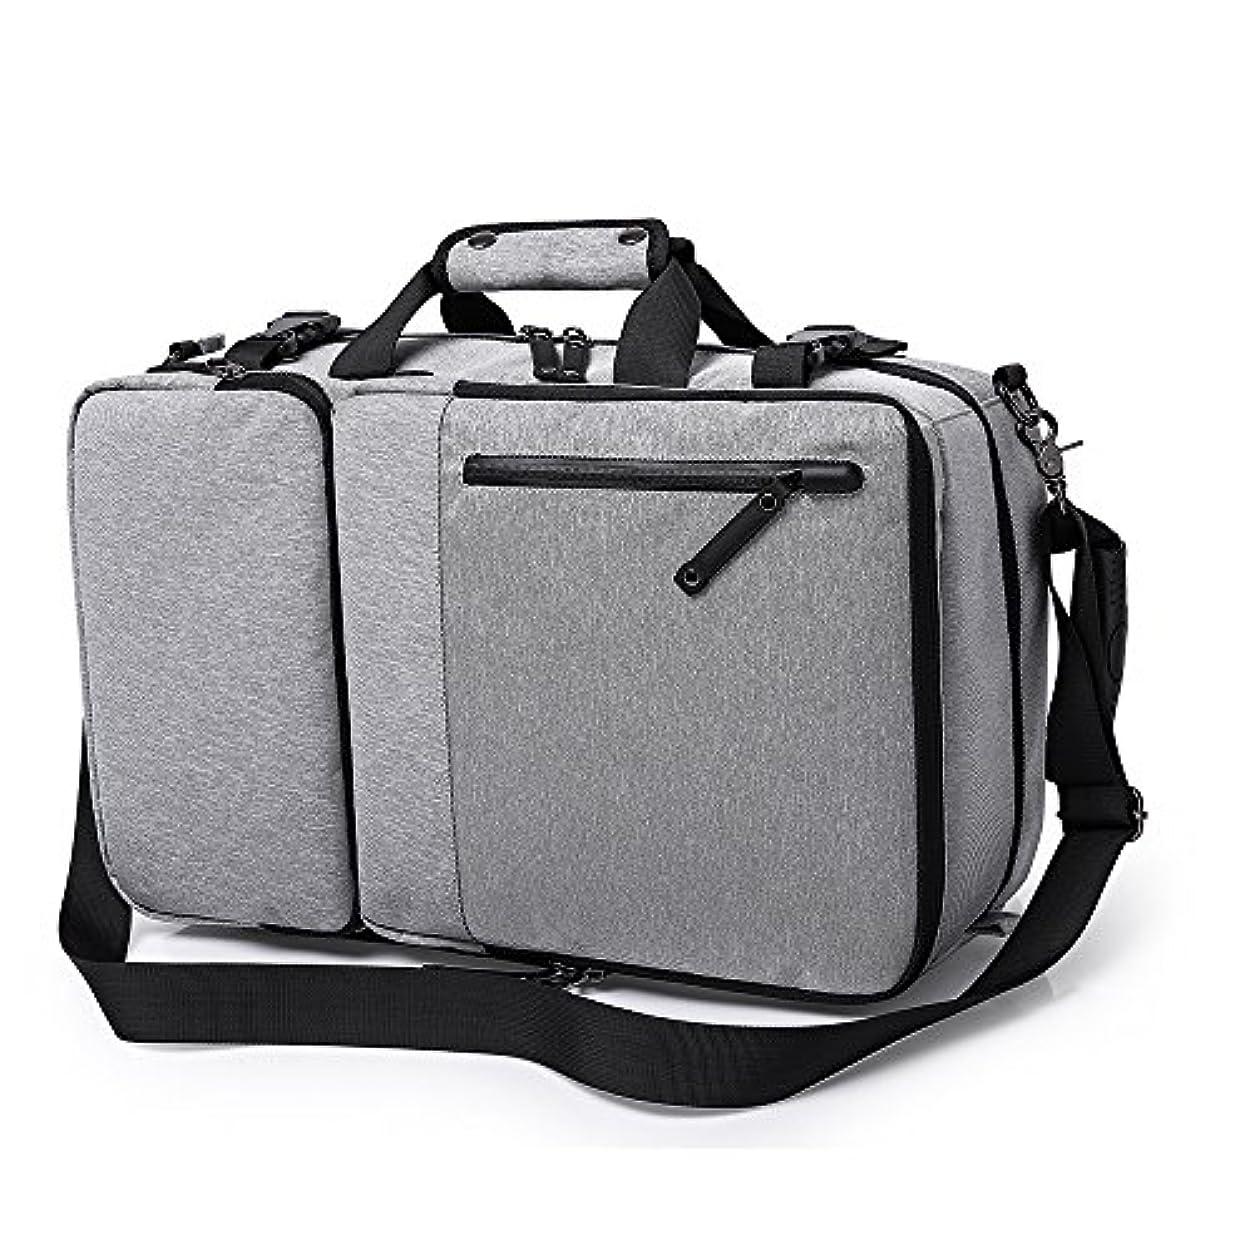 パドル簡単に一般的にビジネスリュック 3way メンズ 出張 旅行 多機能 撥水加工 ビジネスバッグ リュックサック 大容量 通勤